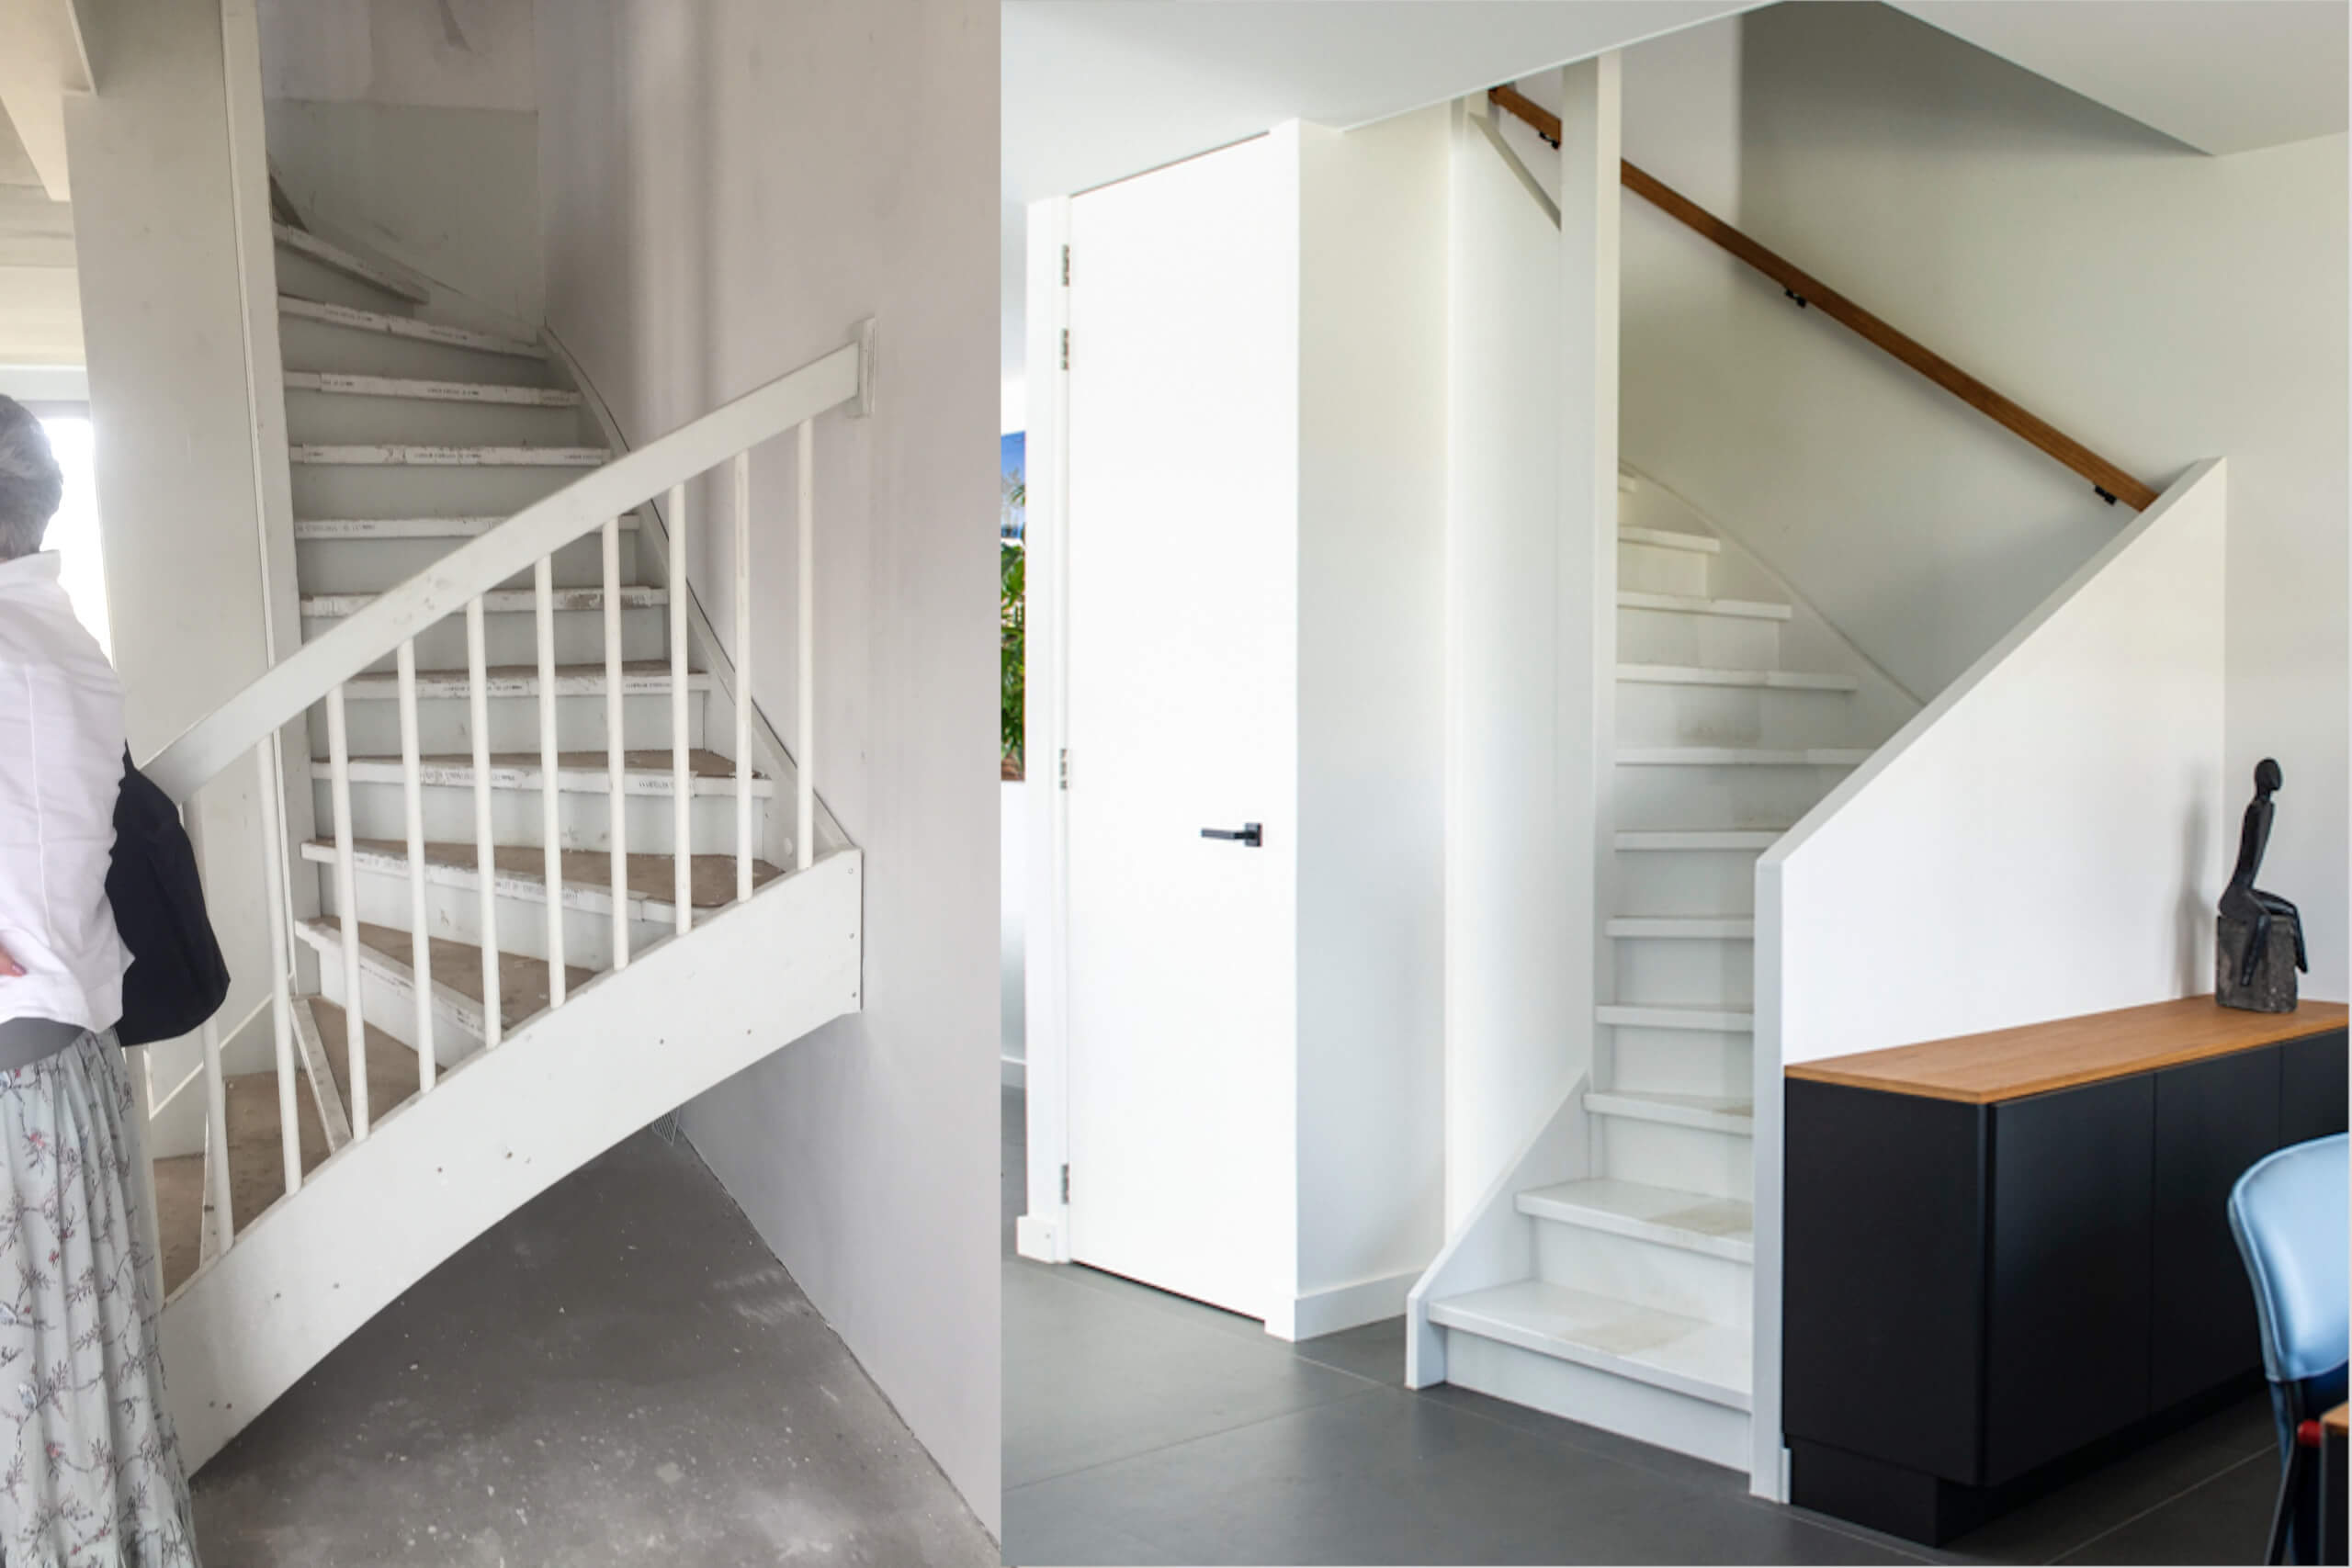 de trap voor en na de verbouwing